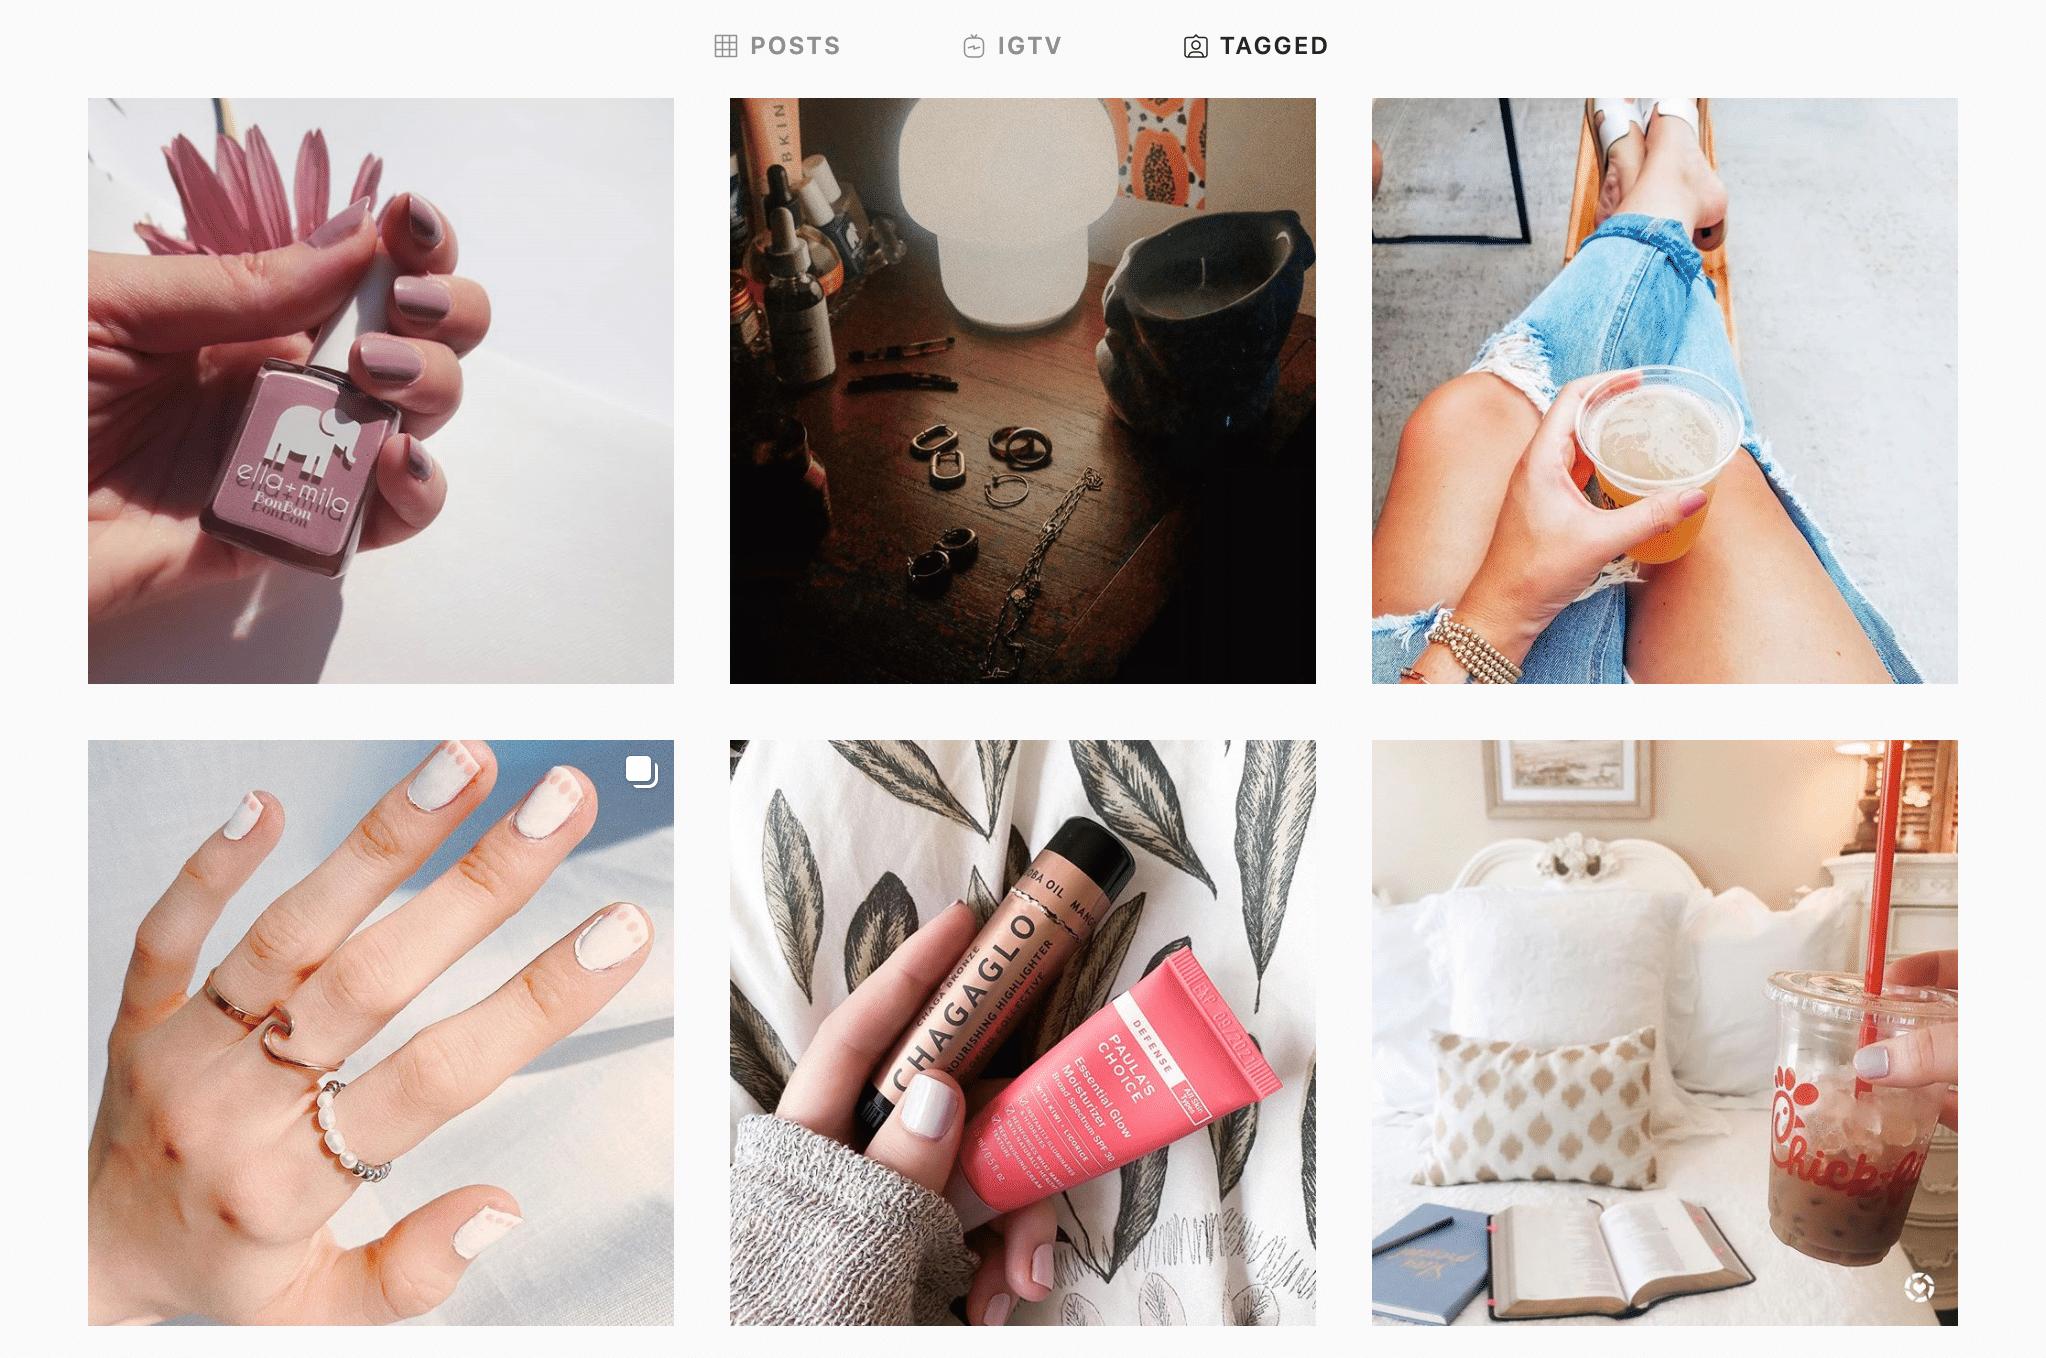 Ella + Mila Tagged Instagram Section